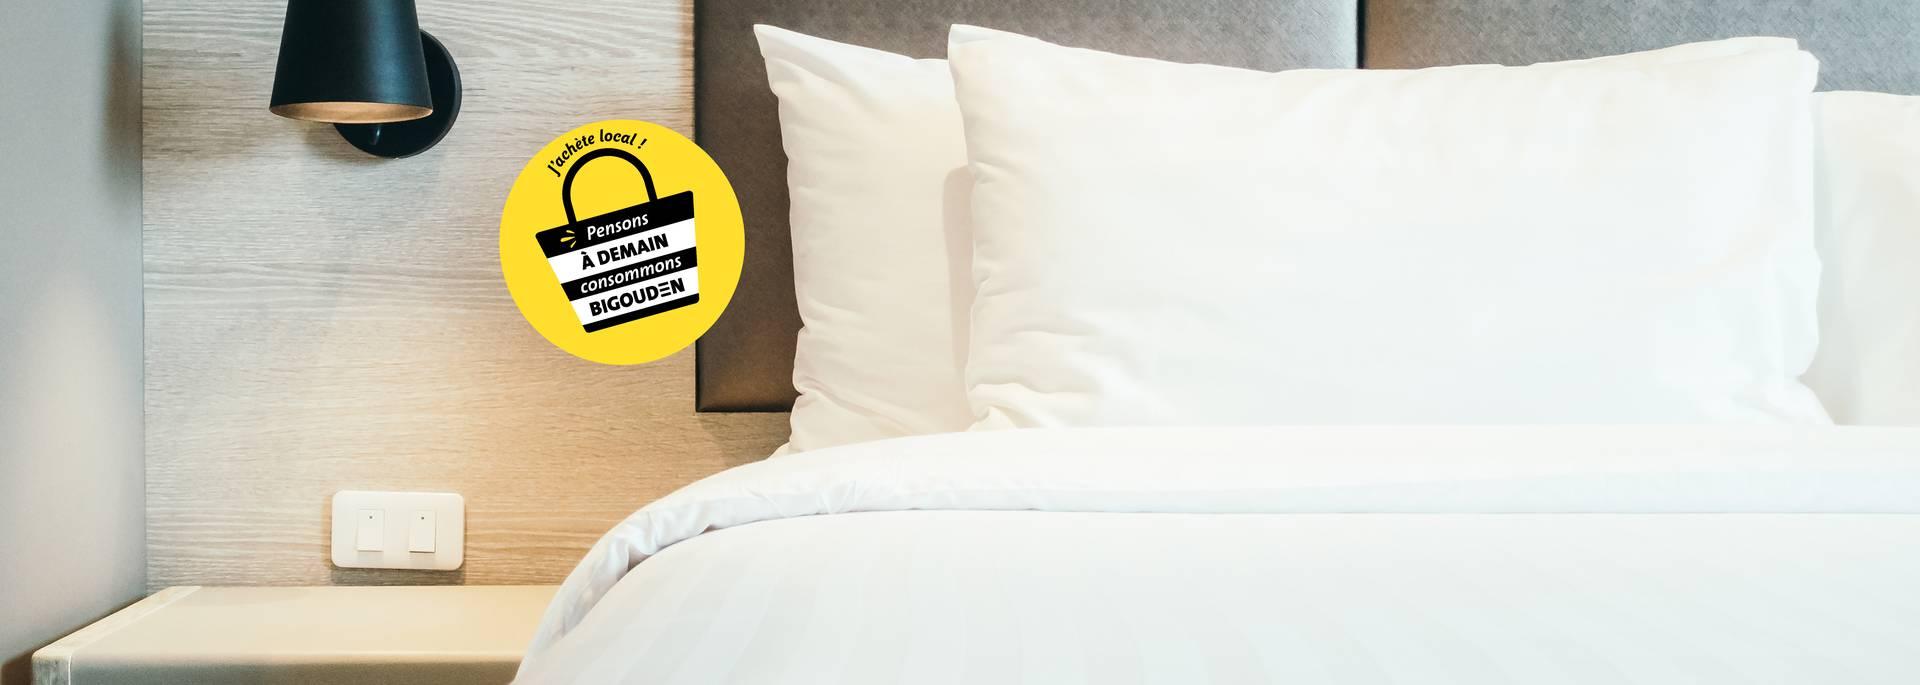 Certains hôtels sont ouverts aux professionnels en Pays Bigouden. © Mrsiraphol Freepik